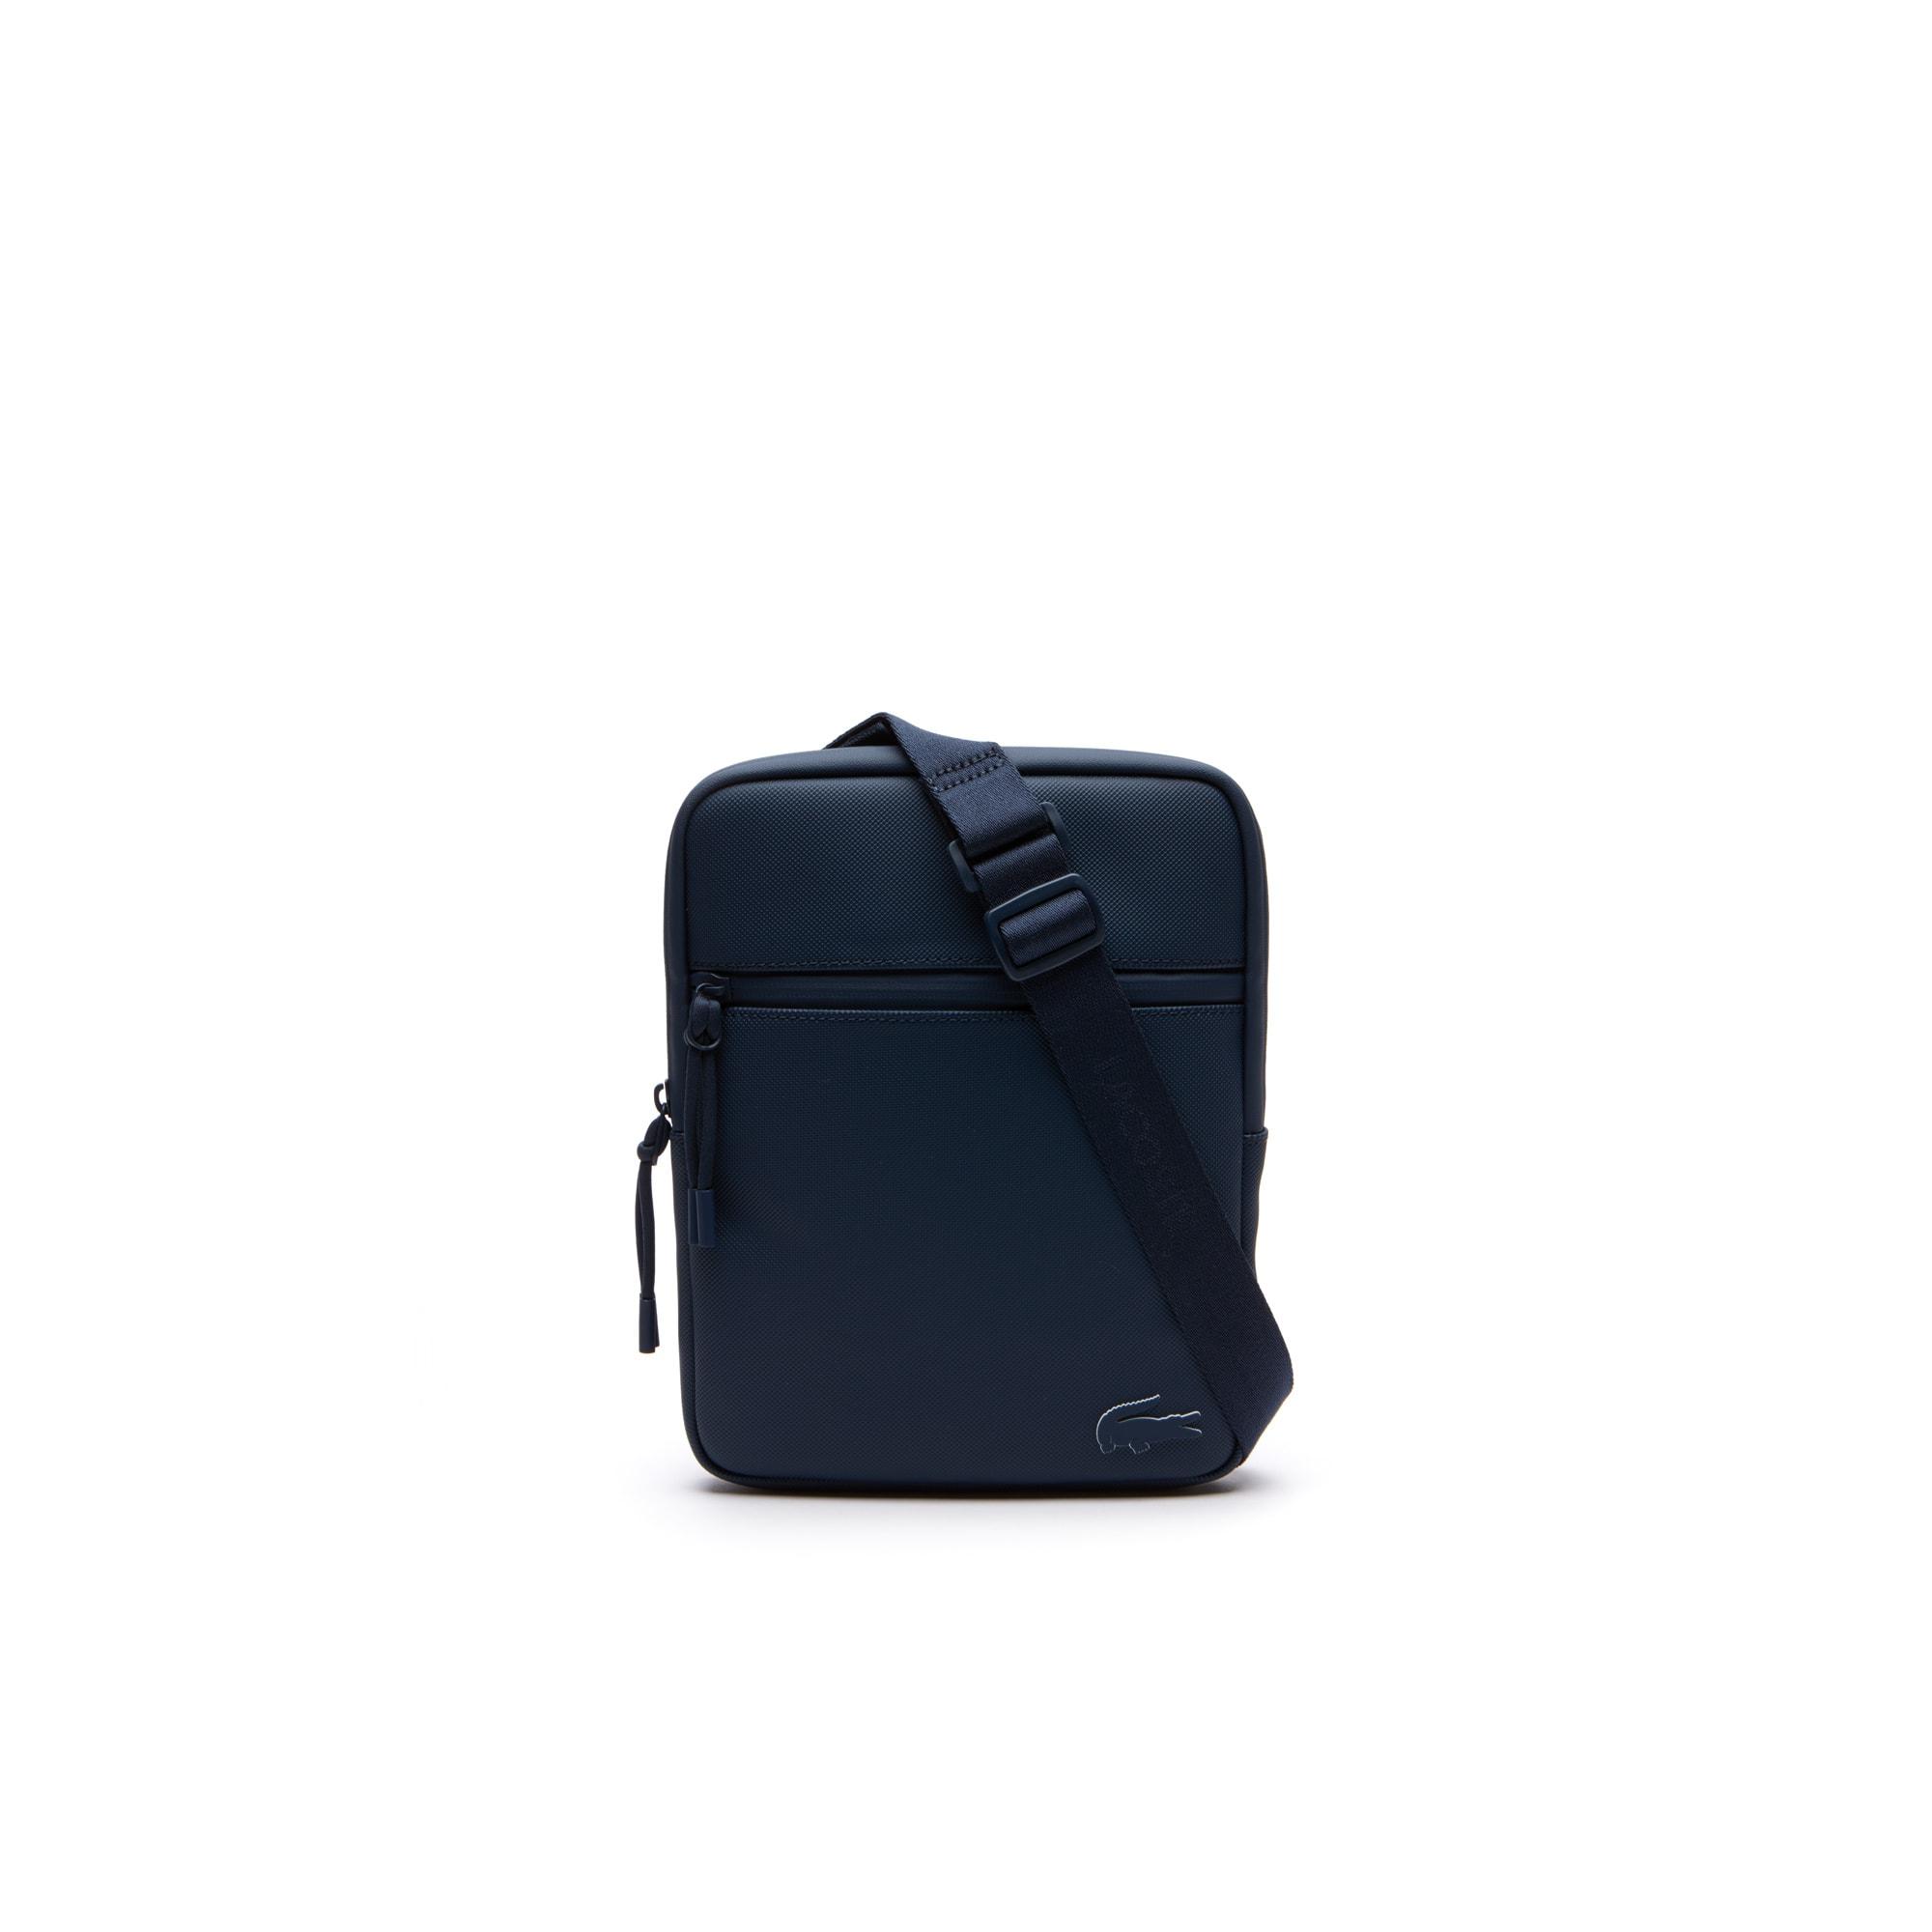 Sacoche plate zippée L.12.12 Concept petit piqué monochrome